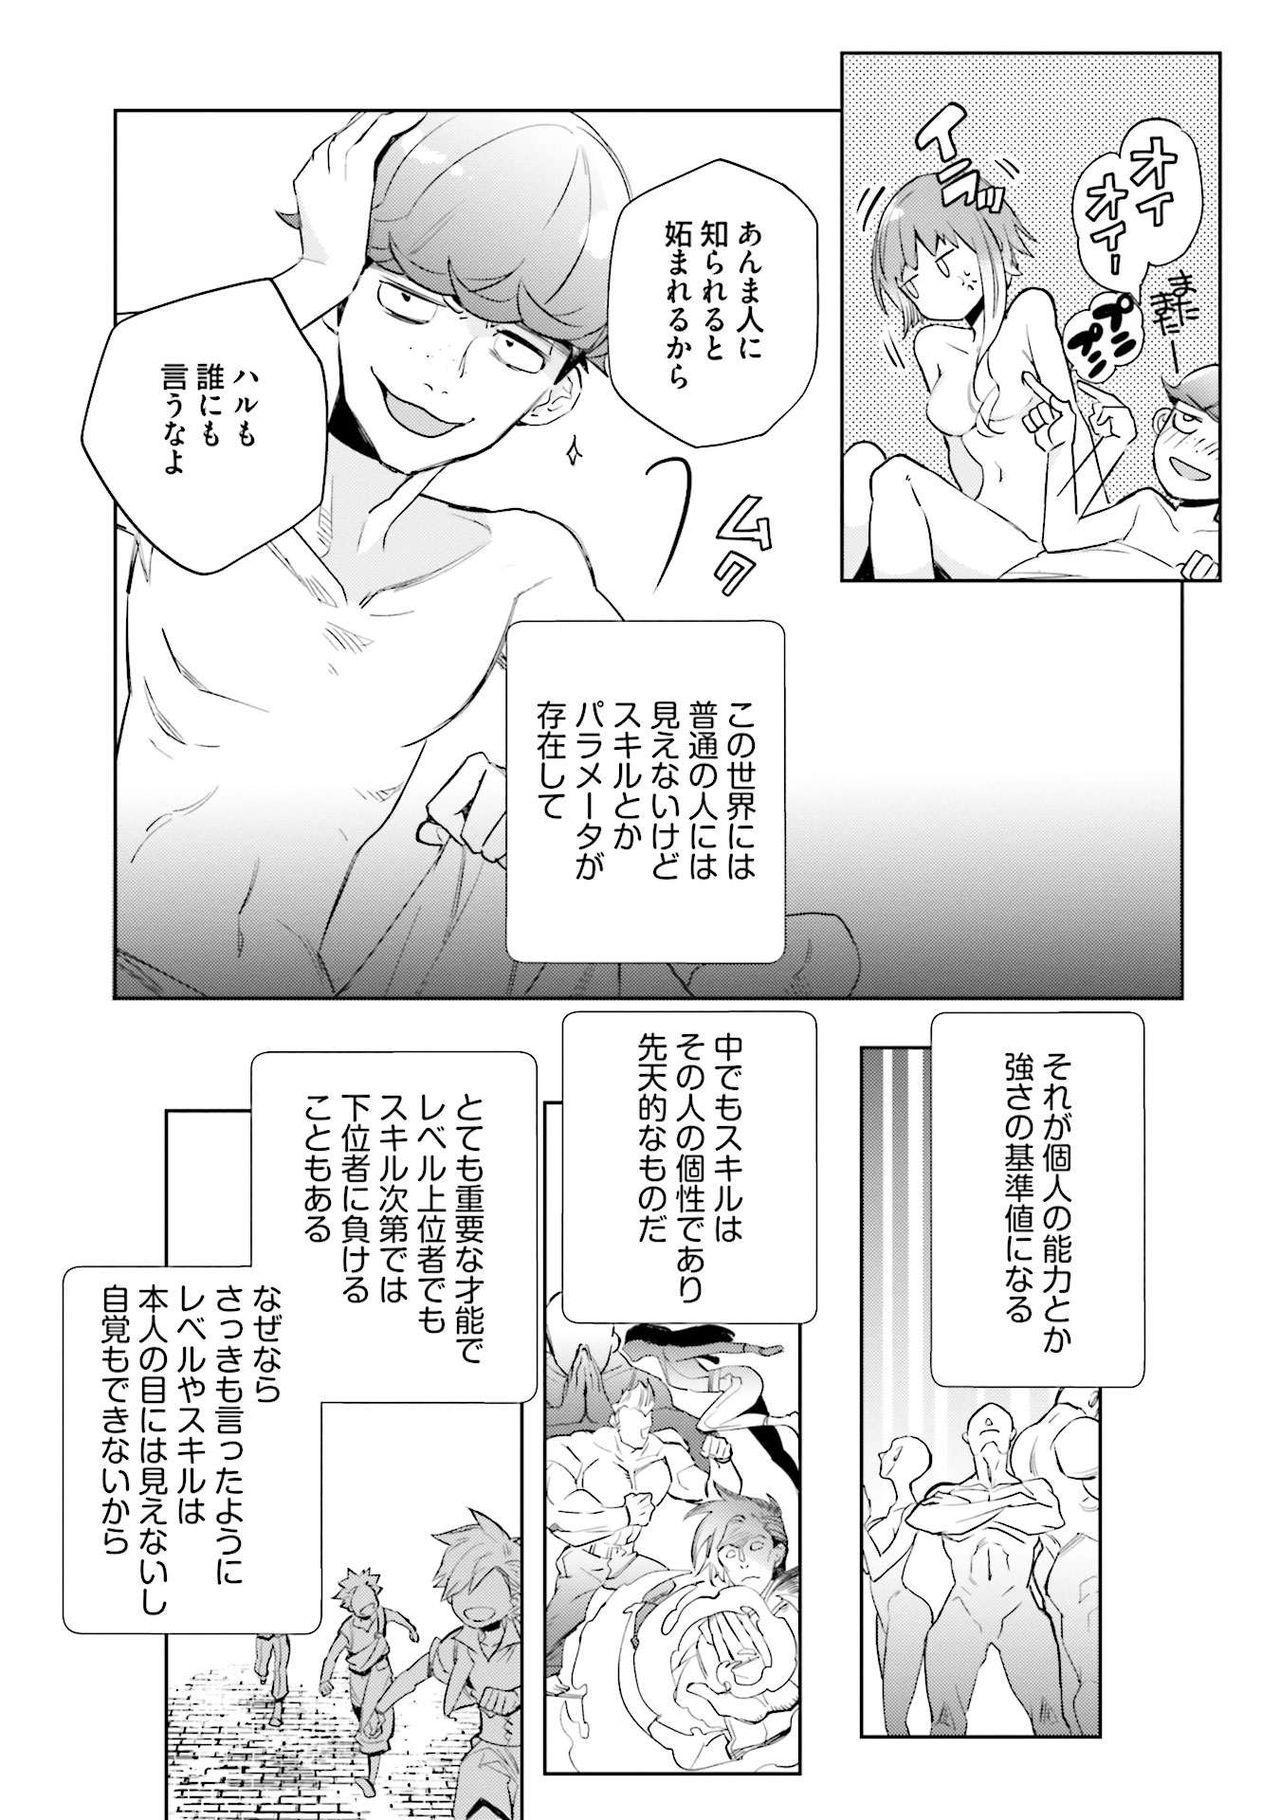 JK Haru wa Isekai de Shoufu ni Natta 1-14 38